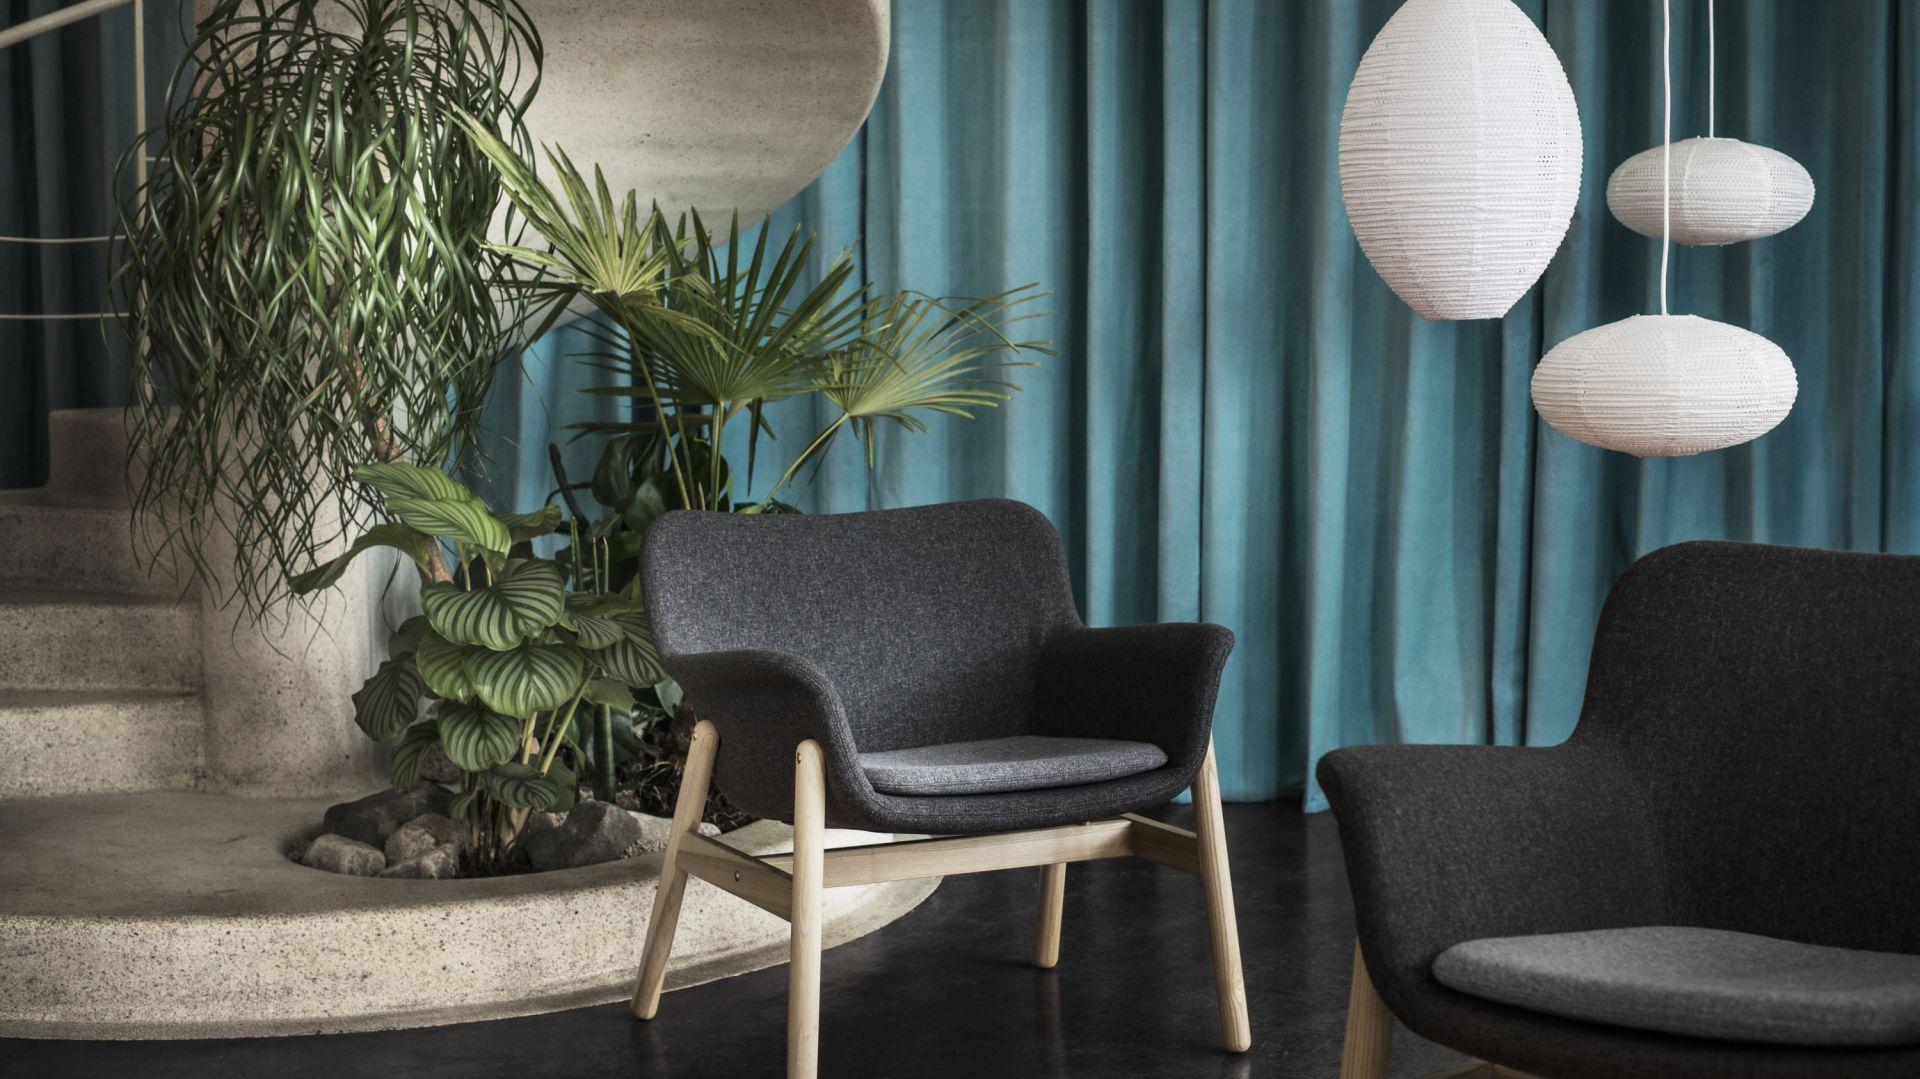 Ciemnoszary fotel Vedbo (wys. 75 cm) z podłokietnikami ma ciekawą inspirowaną stylem retro formę. 699 zł. Fot. IKEA